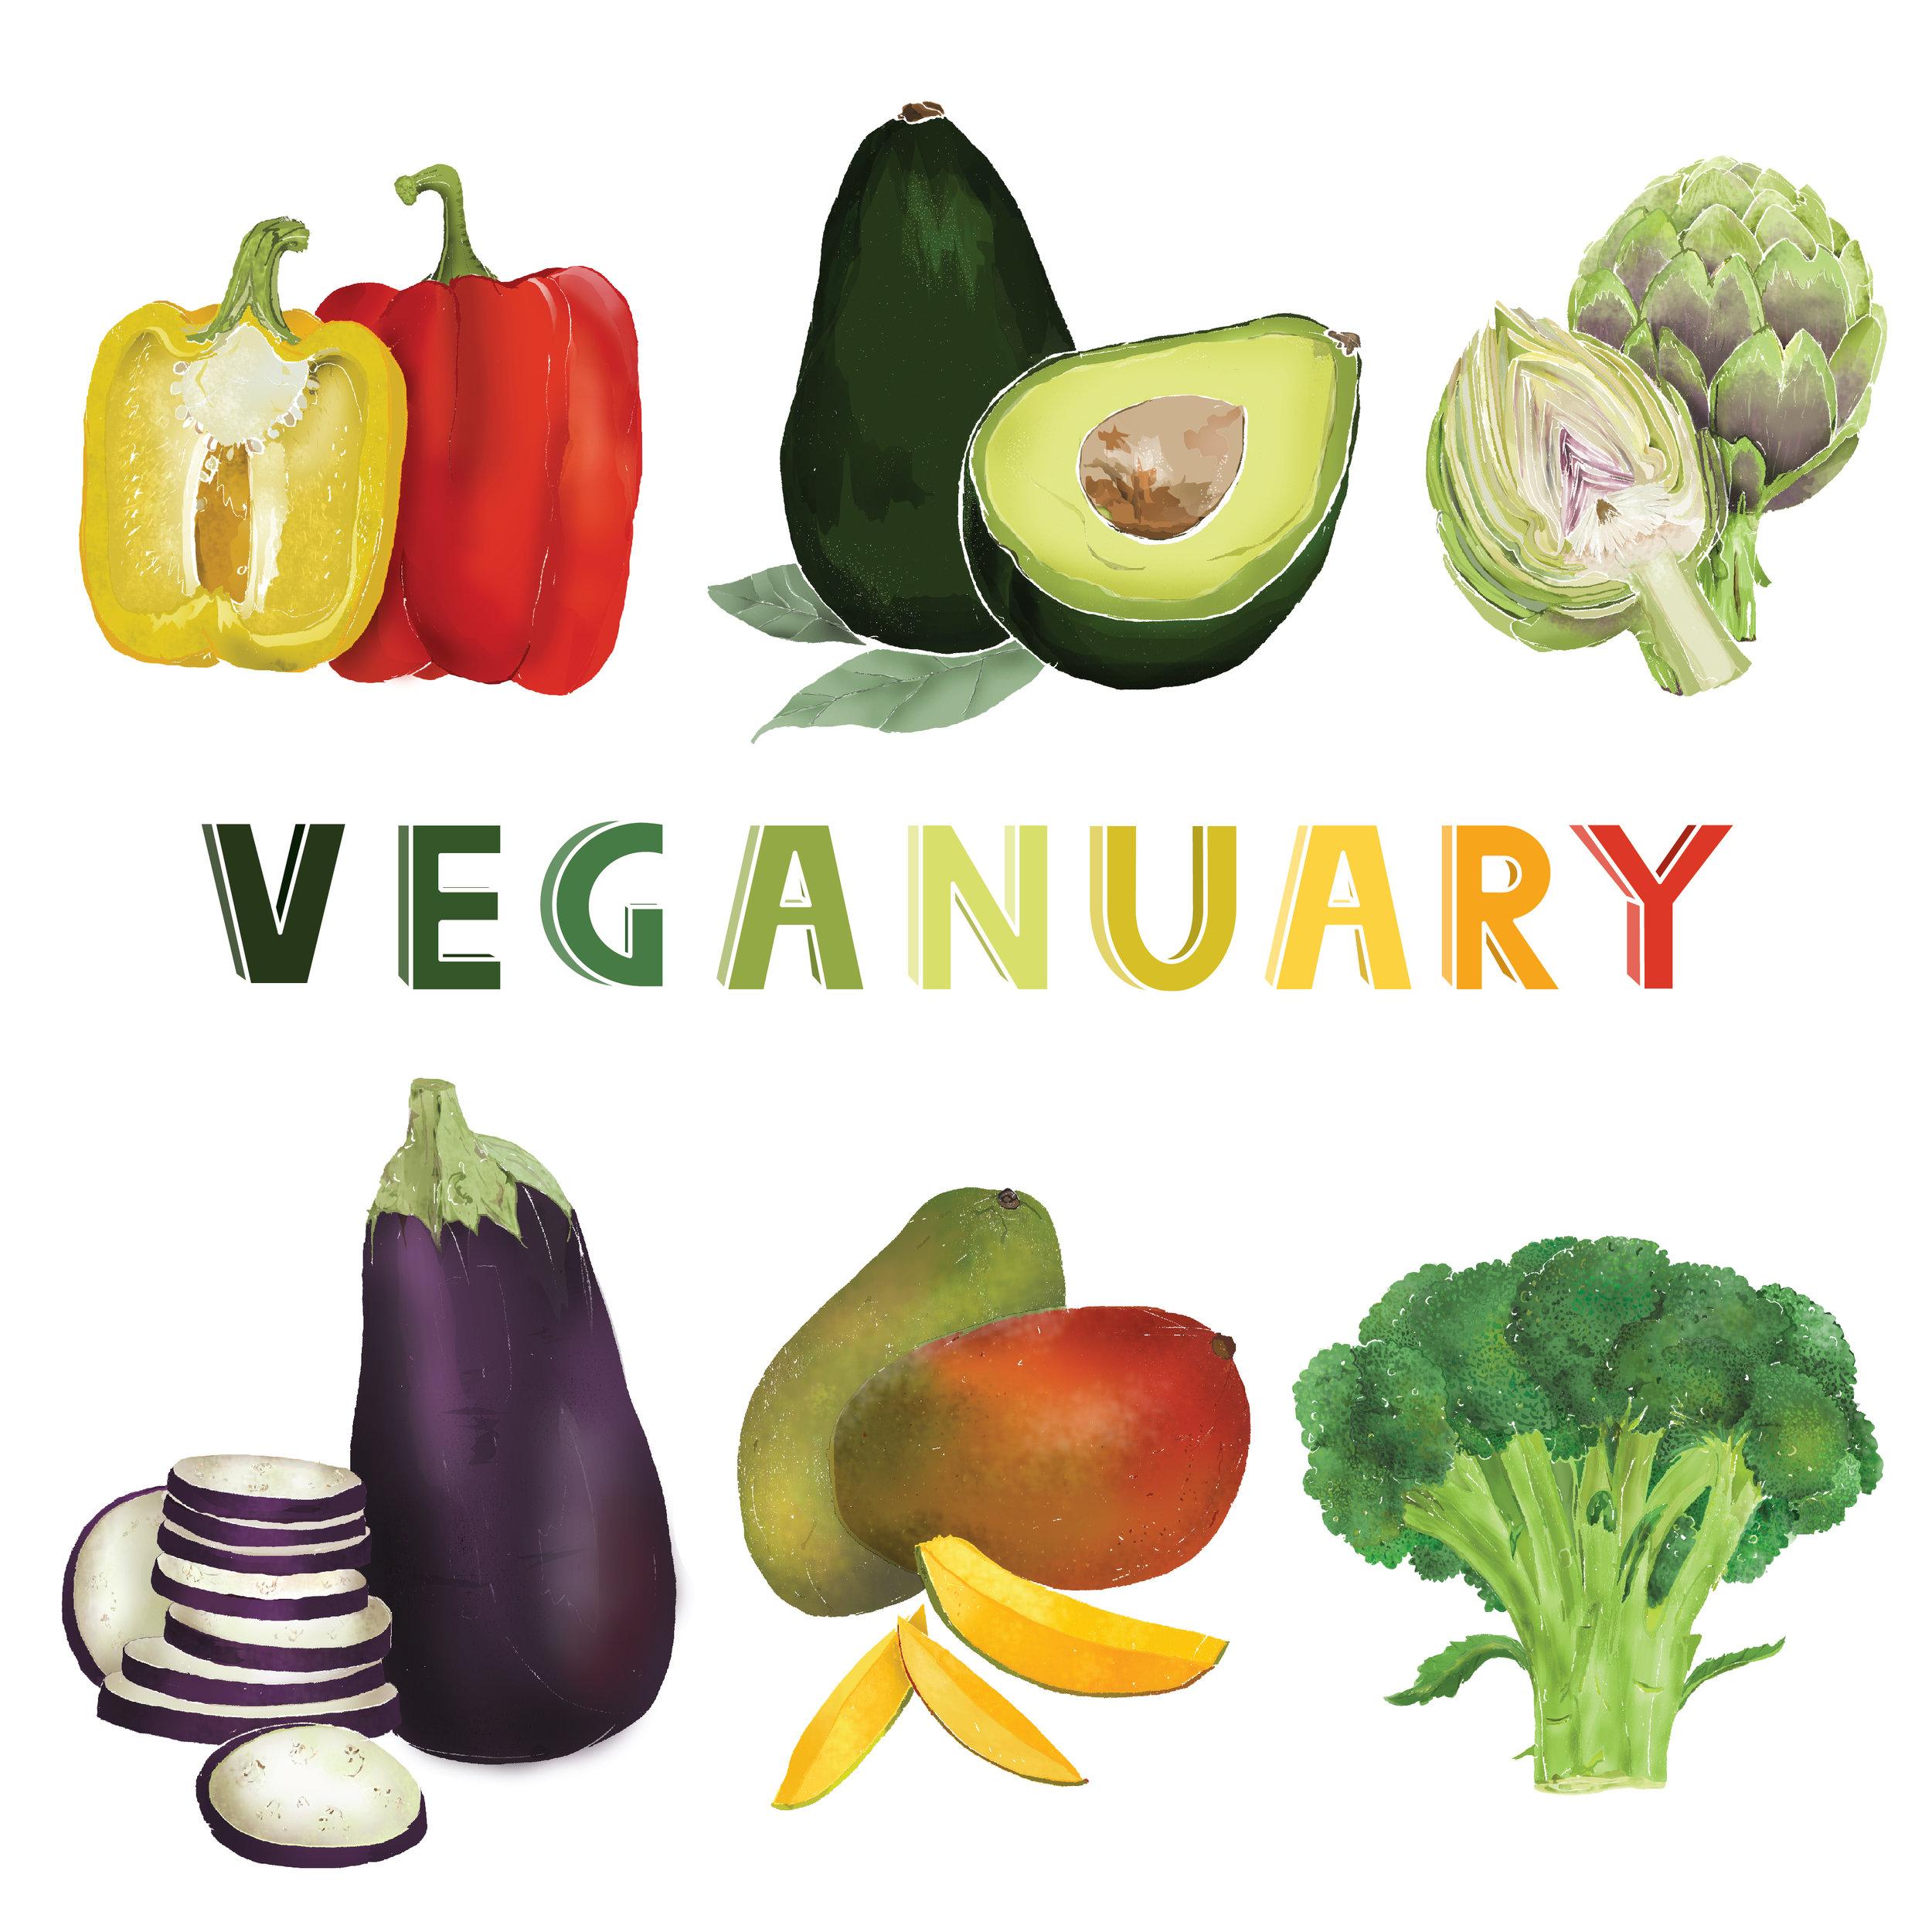 veganuary-01.jpg